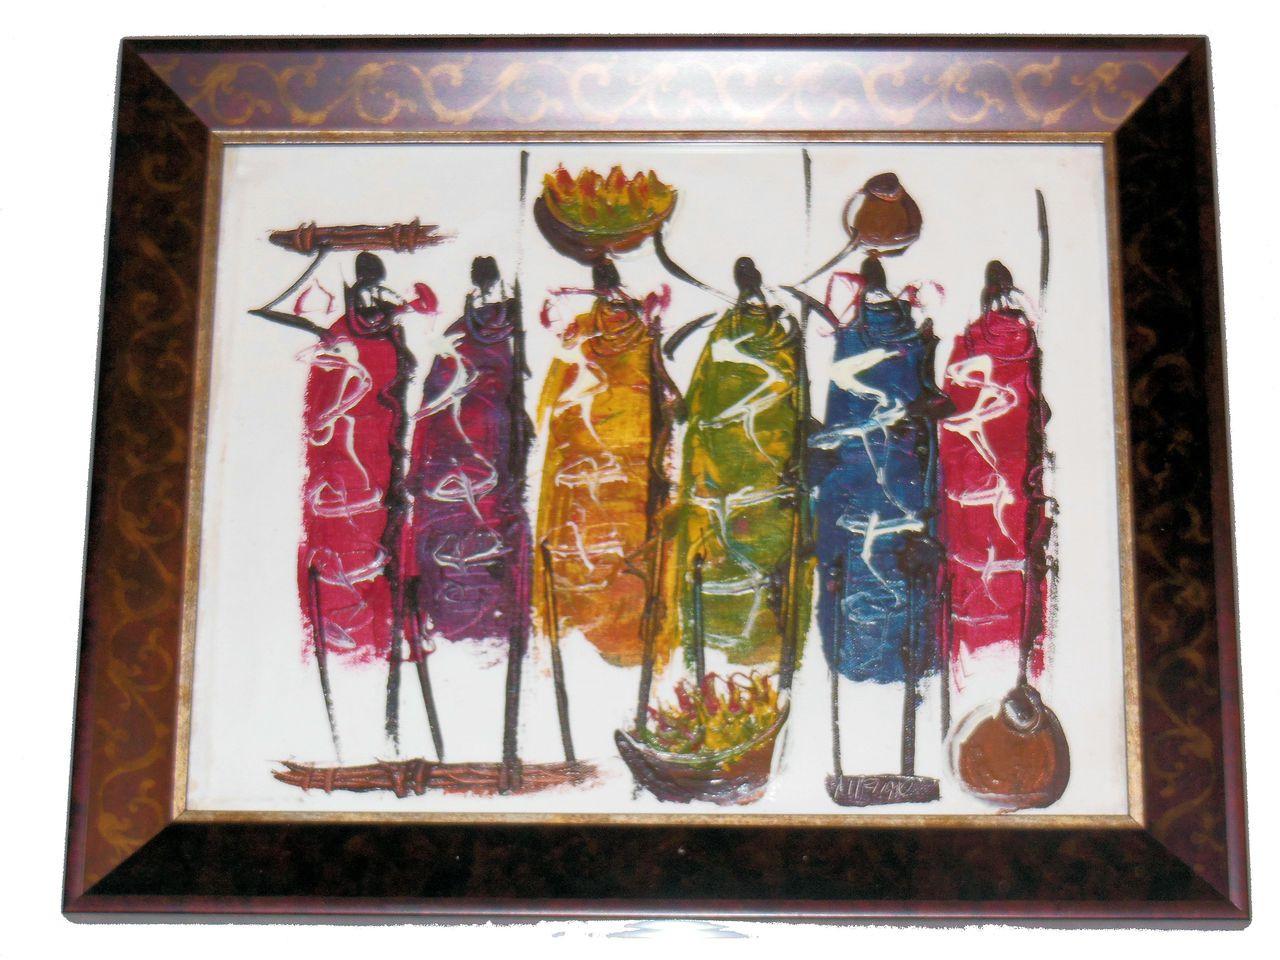 Maasai Warriors from Kenya- Paint on Canvass